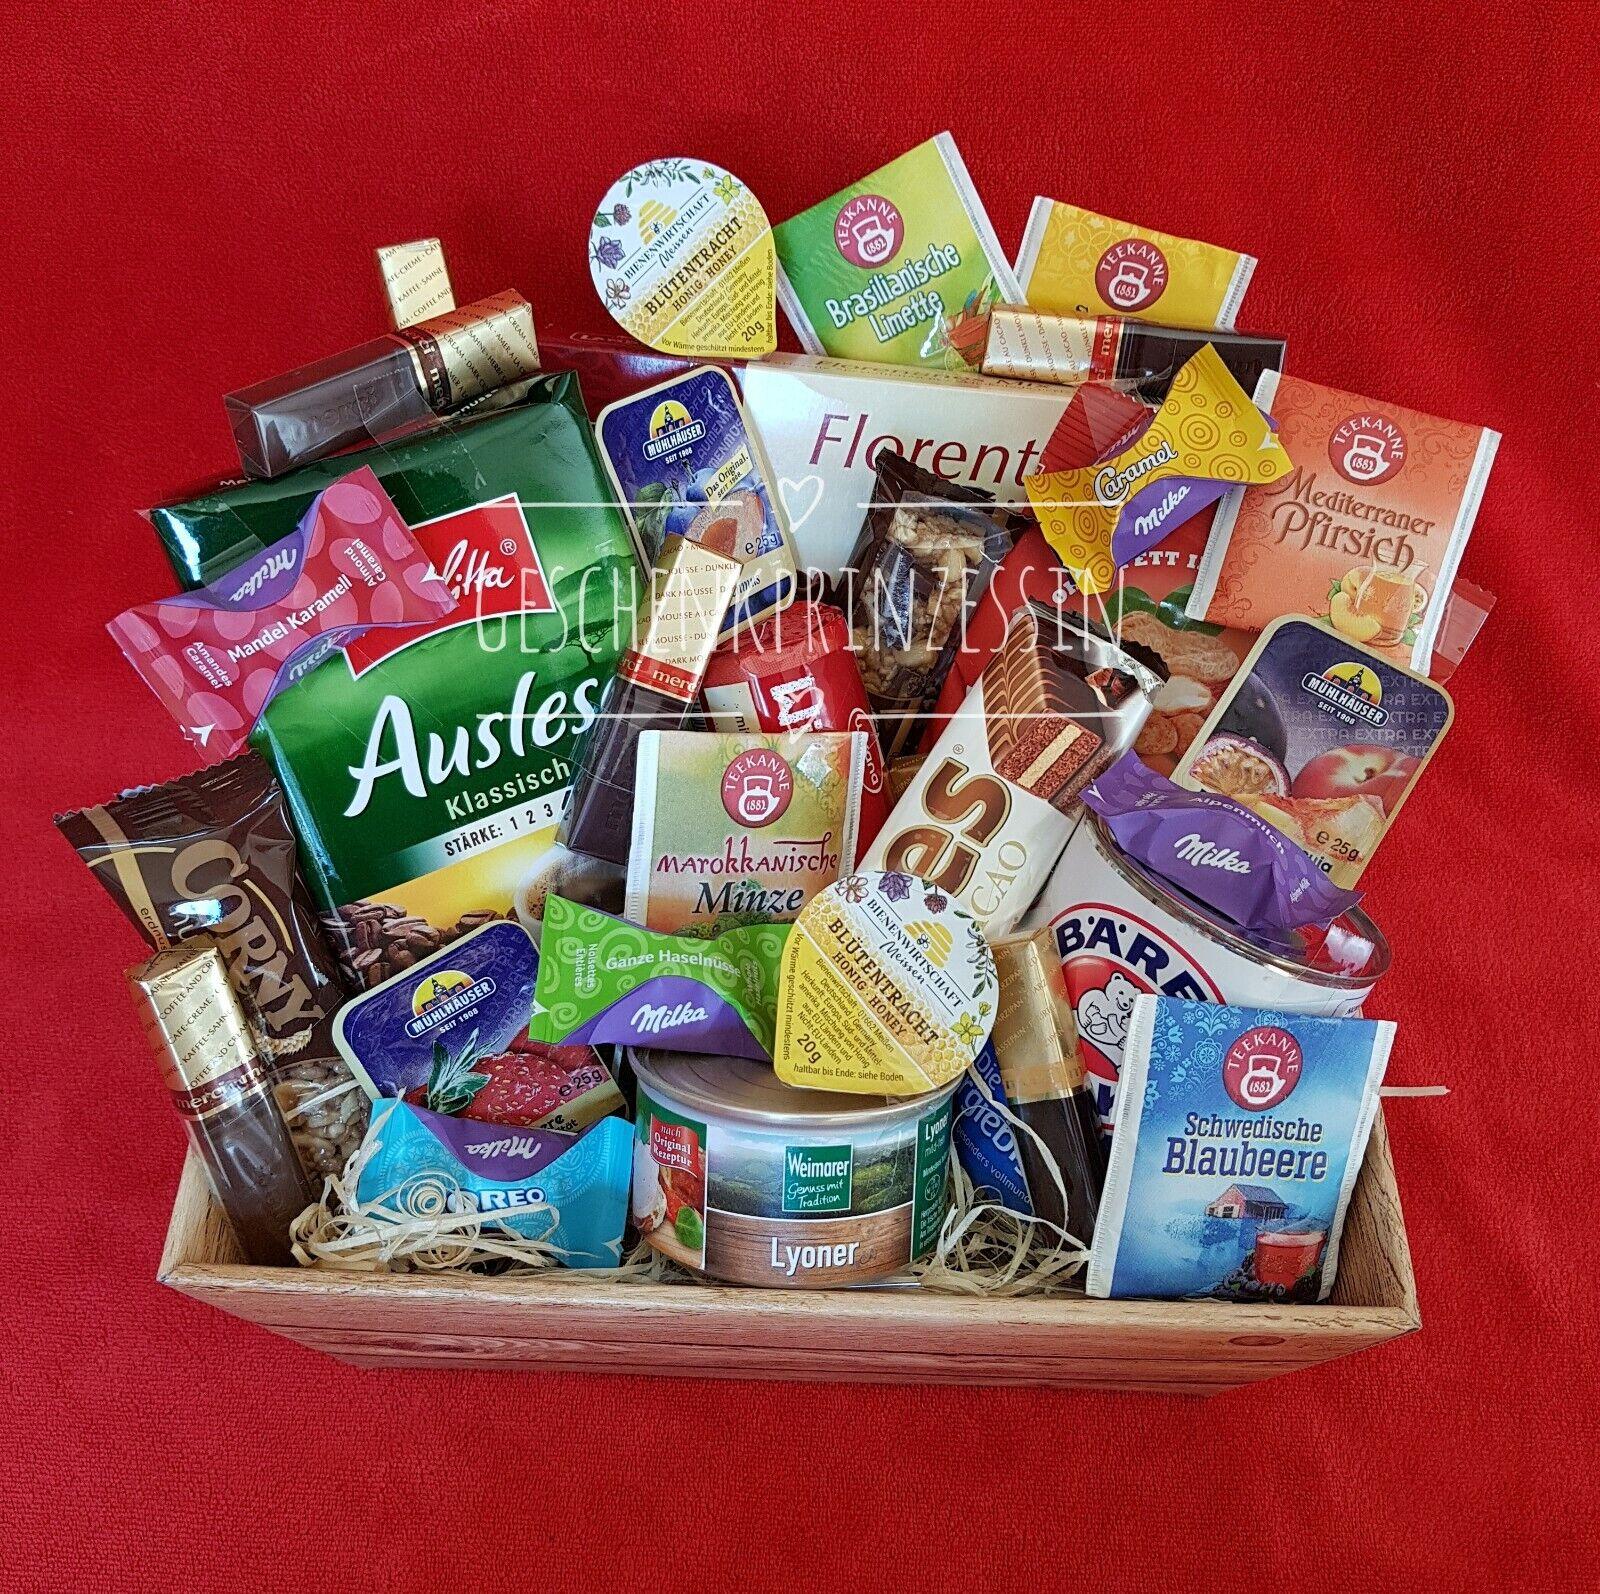 Präsentkorb gefüllt Dankeschön Klein Geschenkkorb Pflegestation Krankenhaus